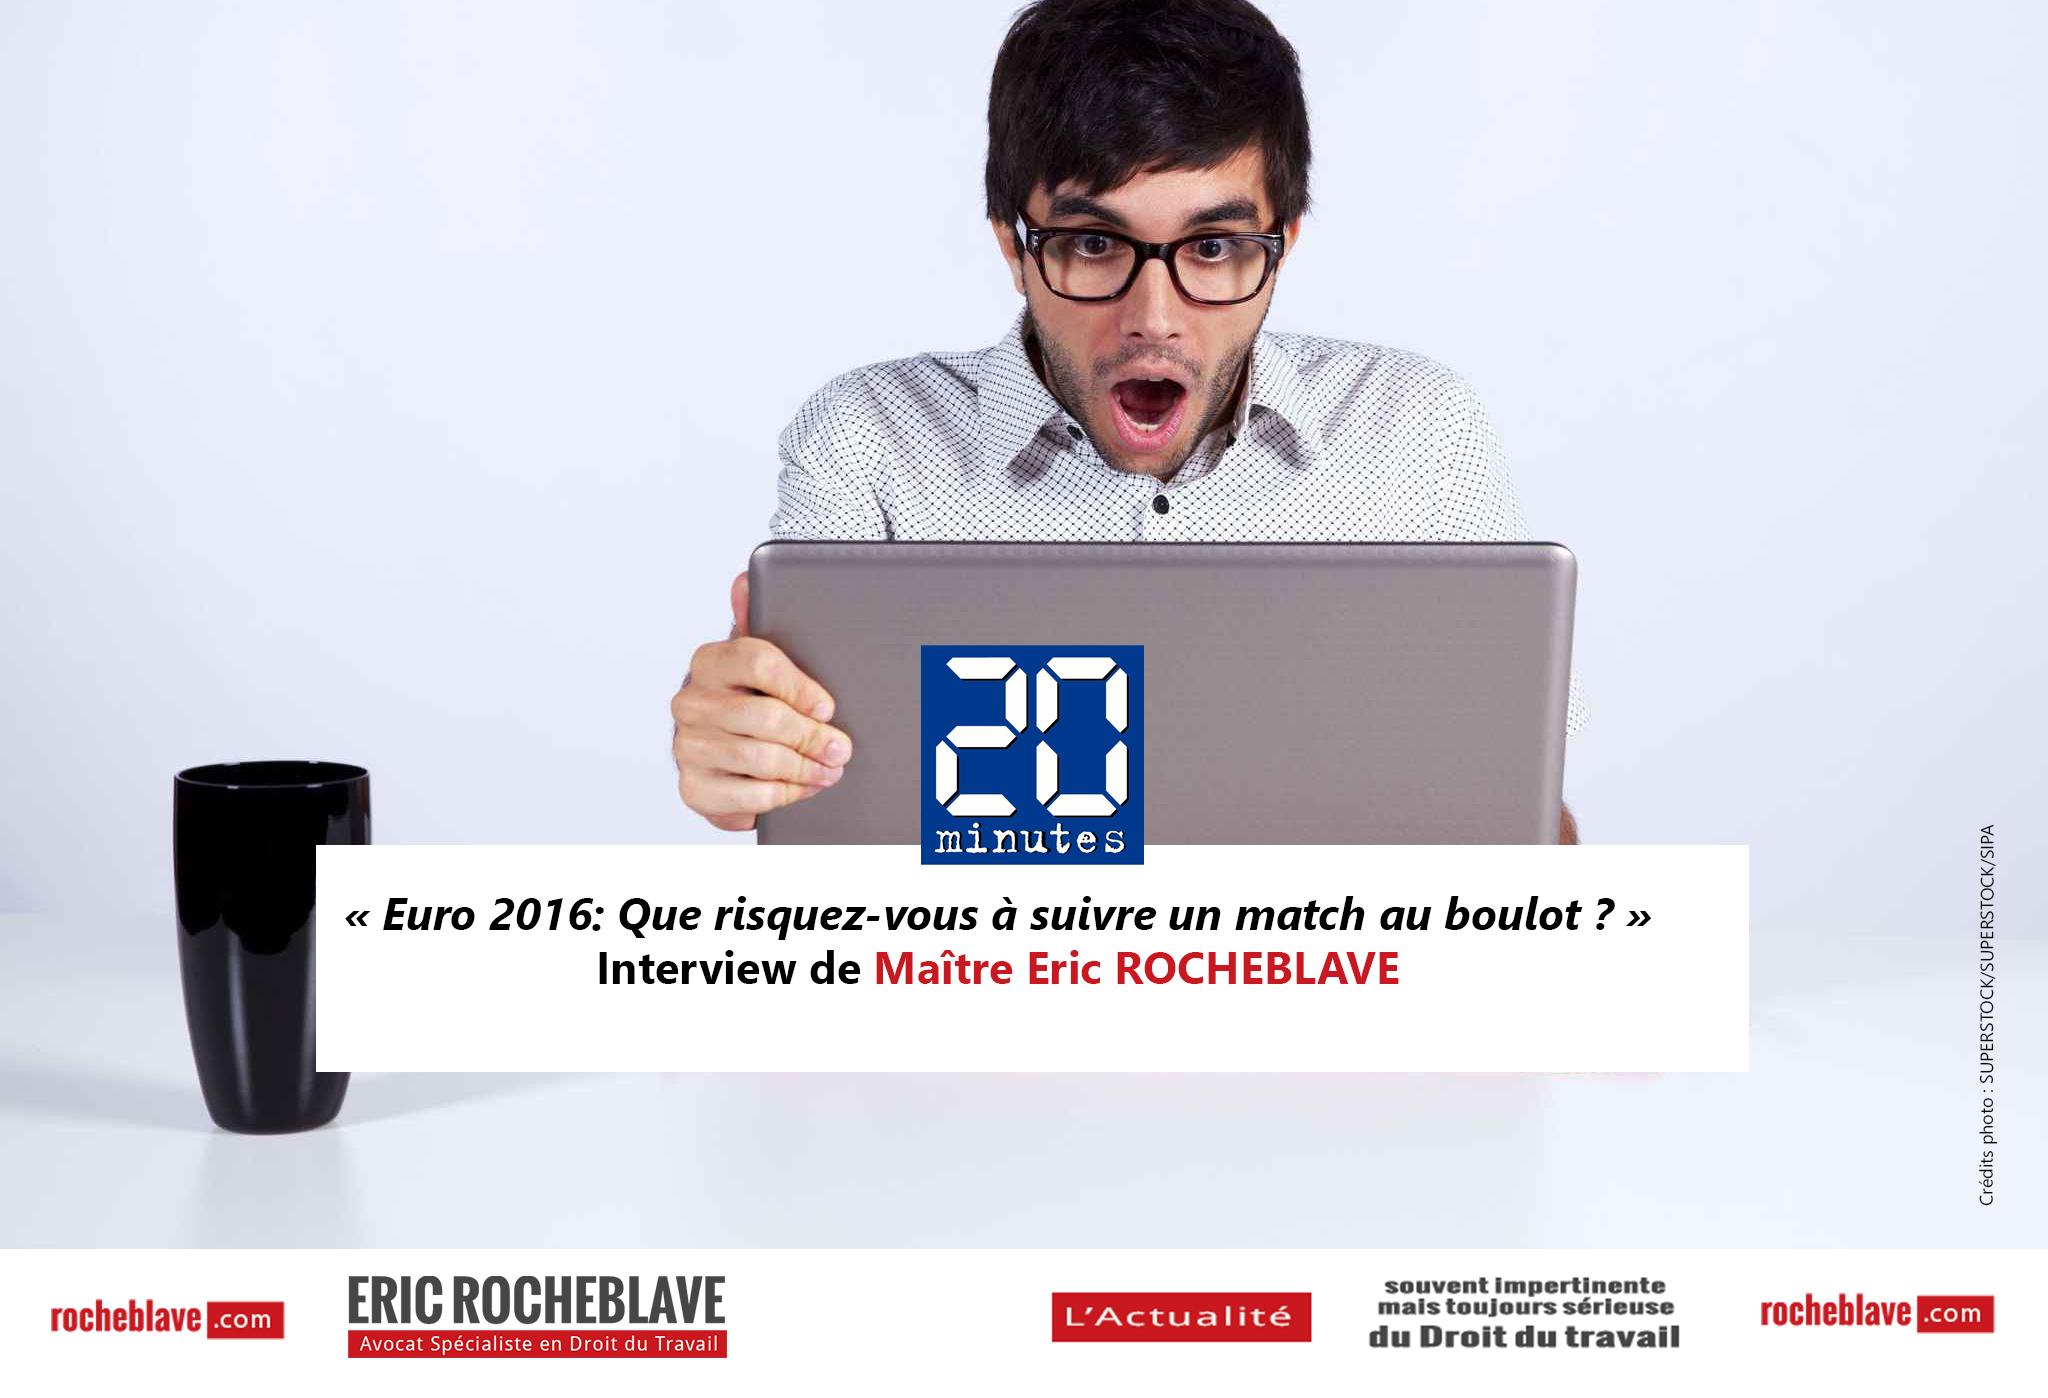 « Euro 2016: Que risquez-vous à suivre un match au boulot ? » Interview de Maître Eric ROCHEBLAVE | 20 minutes